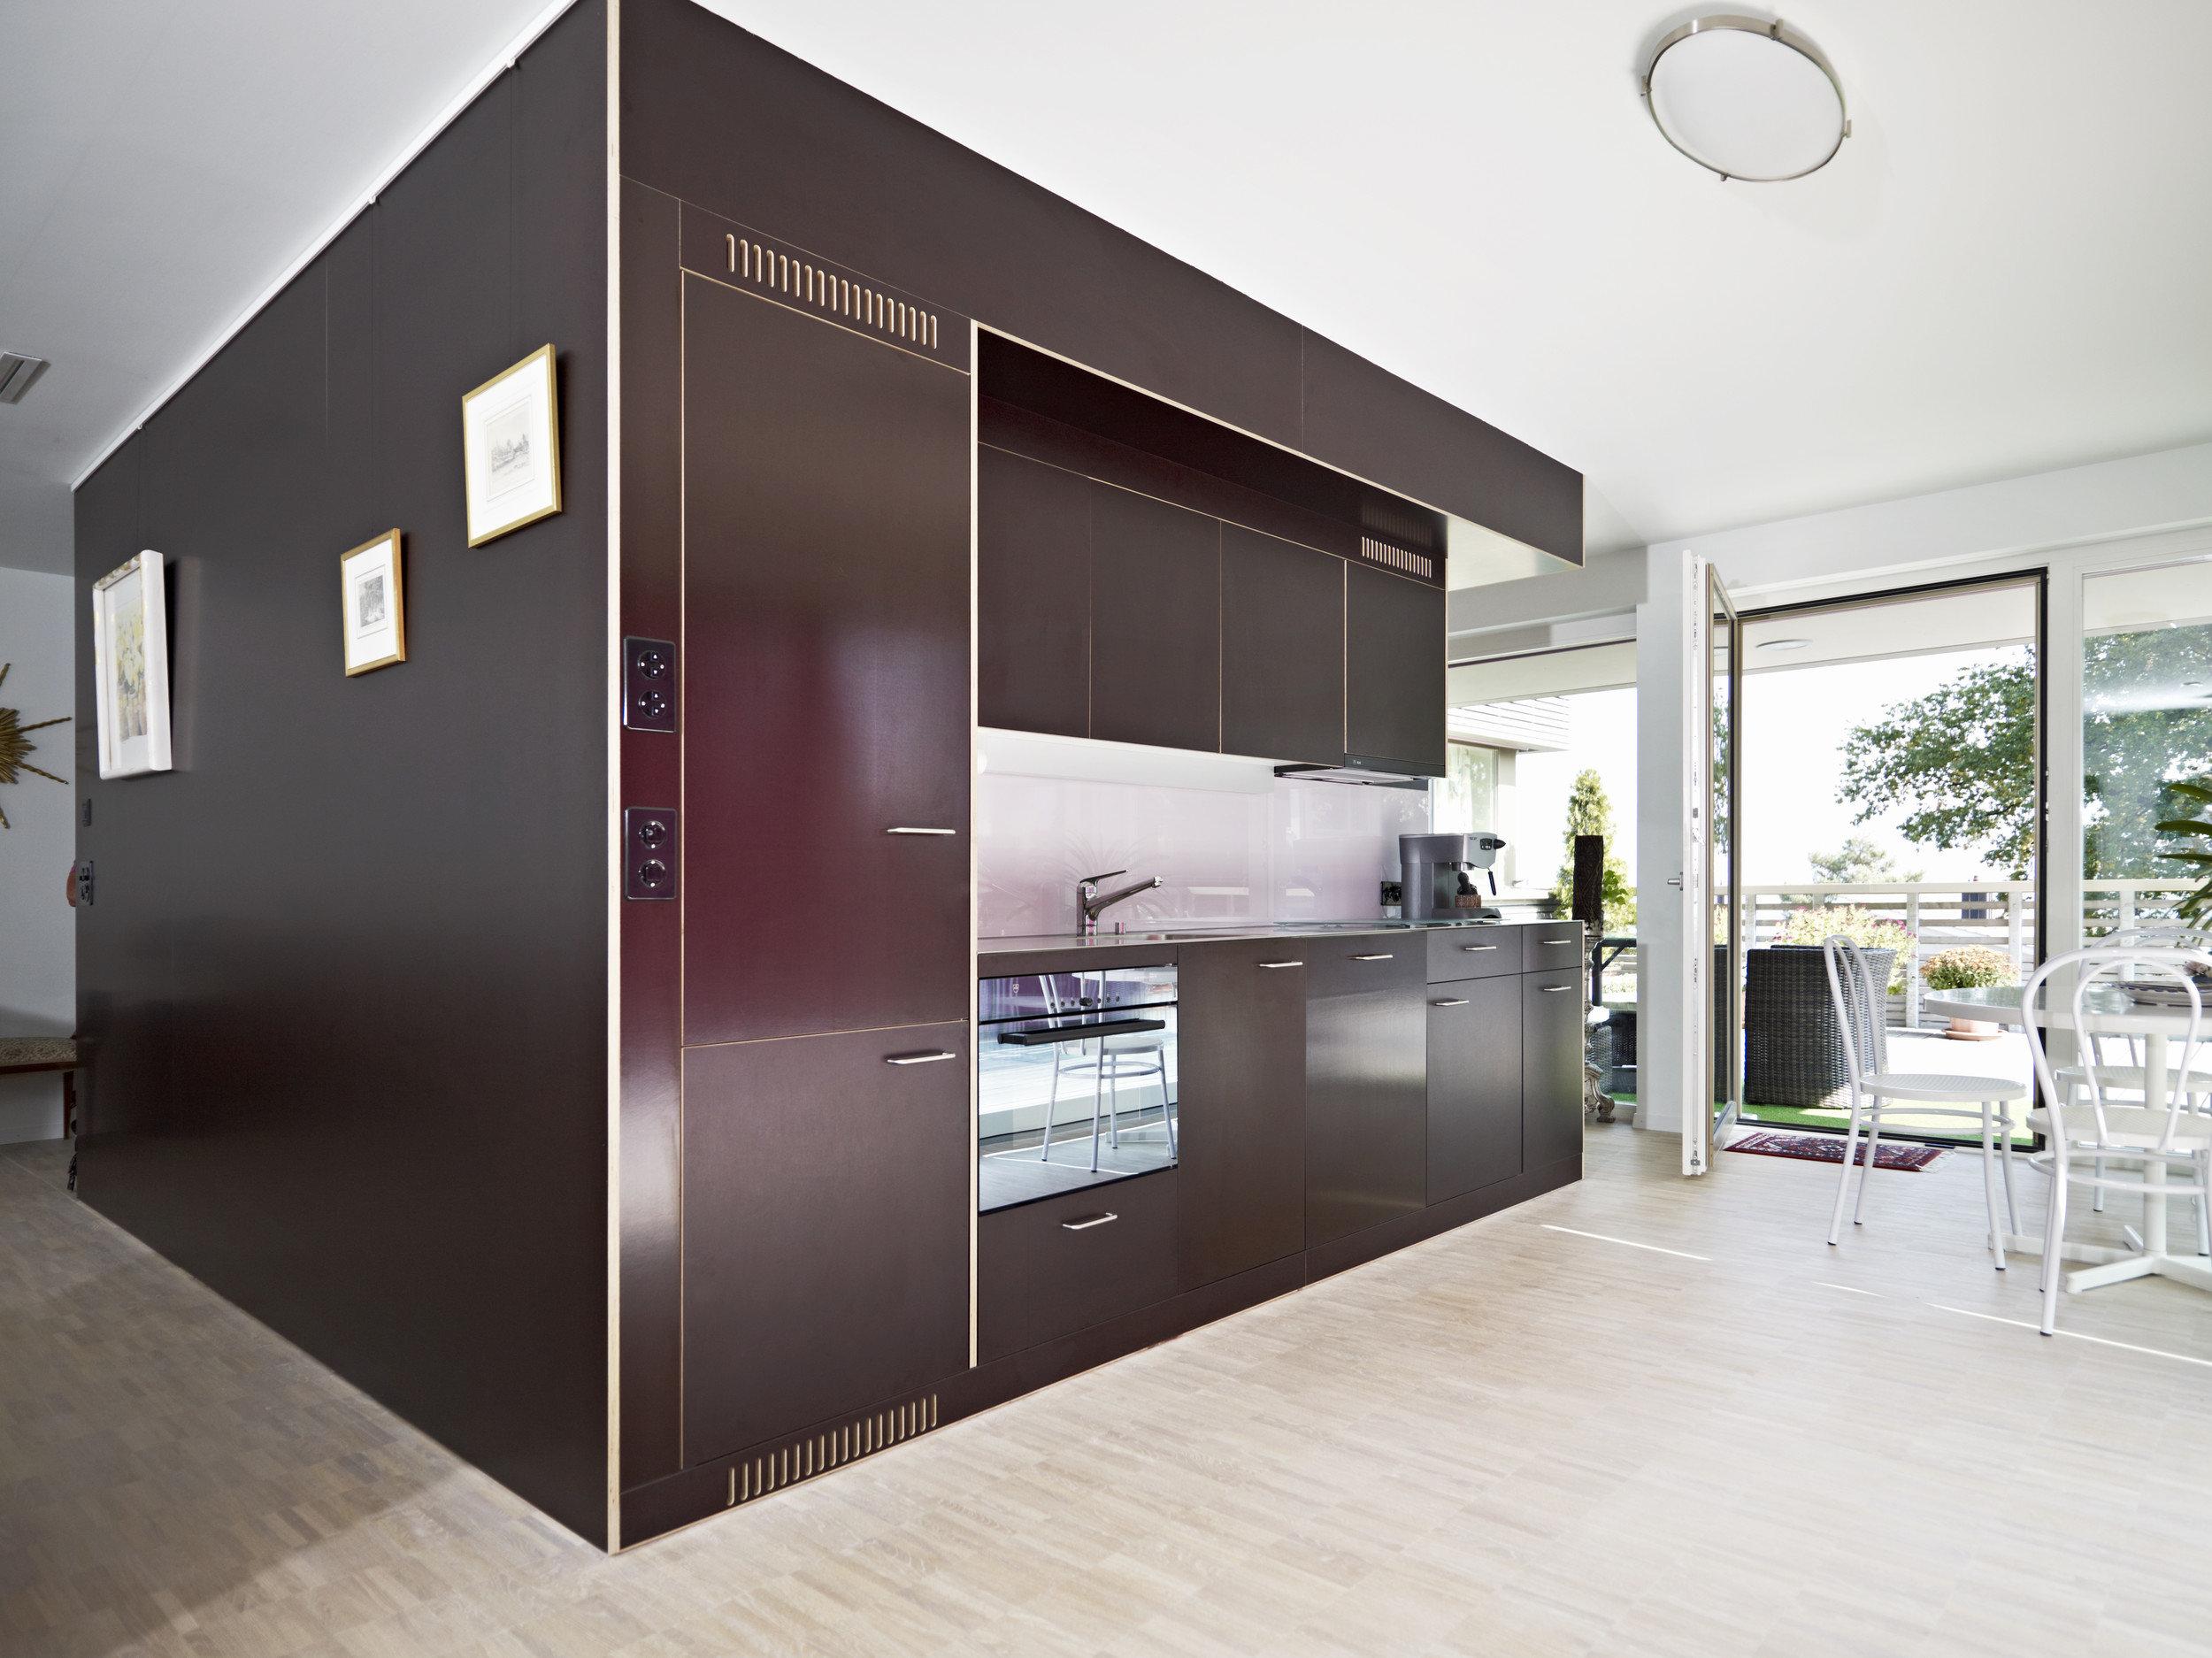 Einbauküche aus dunklem Holz im Raum mit viel Sonnenlicht und hellem Holzboden